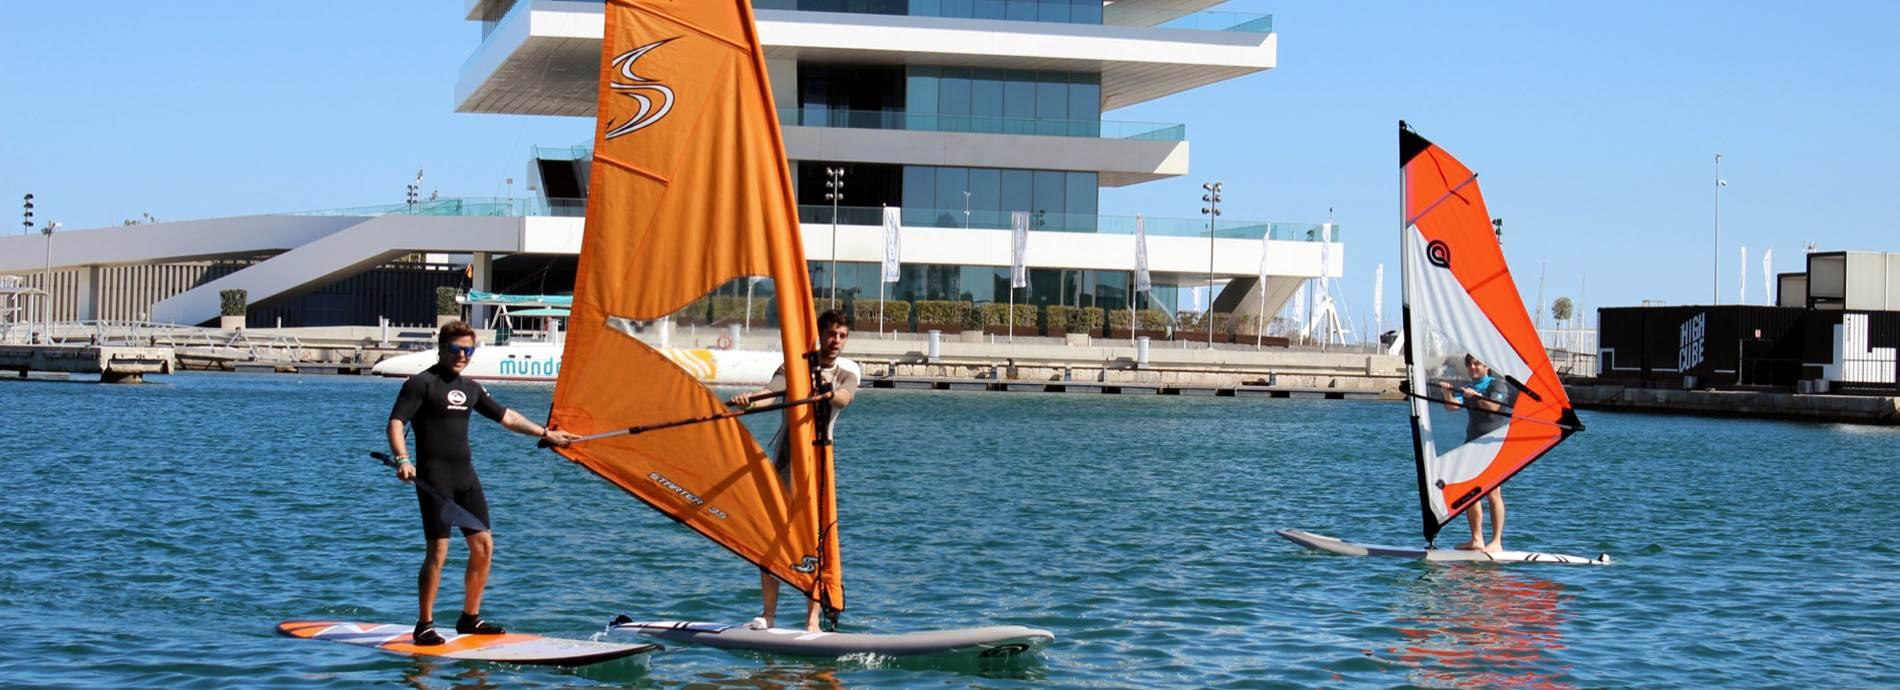 windsurf en valencia.jpg